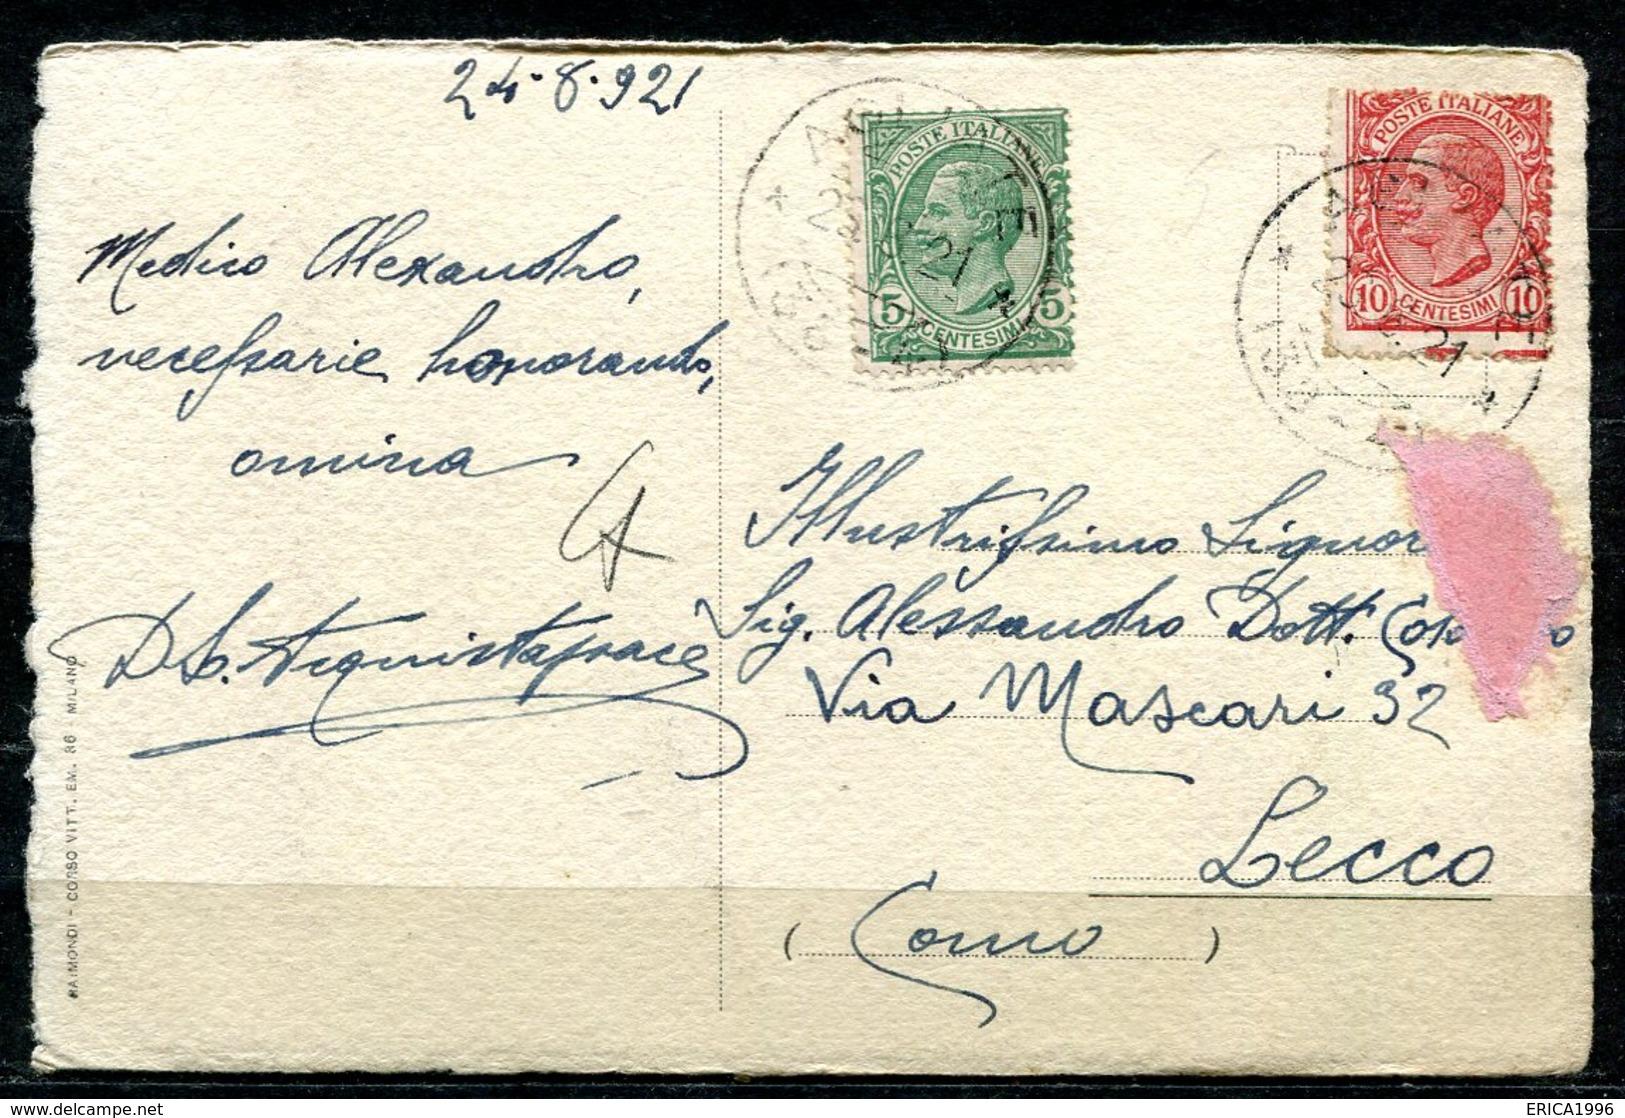 CARTOLINA CV2678 AGLIATE BRIANZA (Monza MB) Villa Albertoni,  FP, Viaggiata 1921 Per Lecco, Buone Condizioni (GC) - Monza